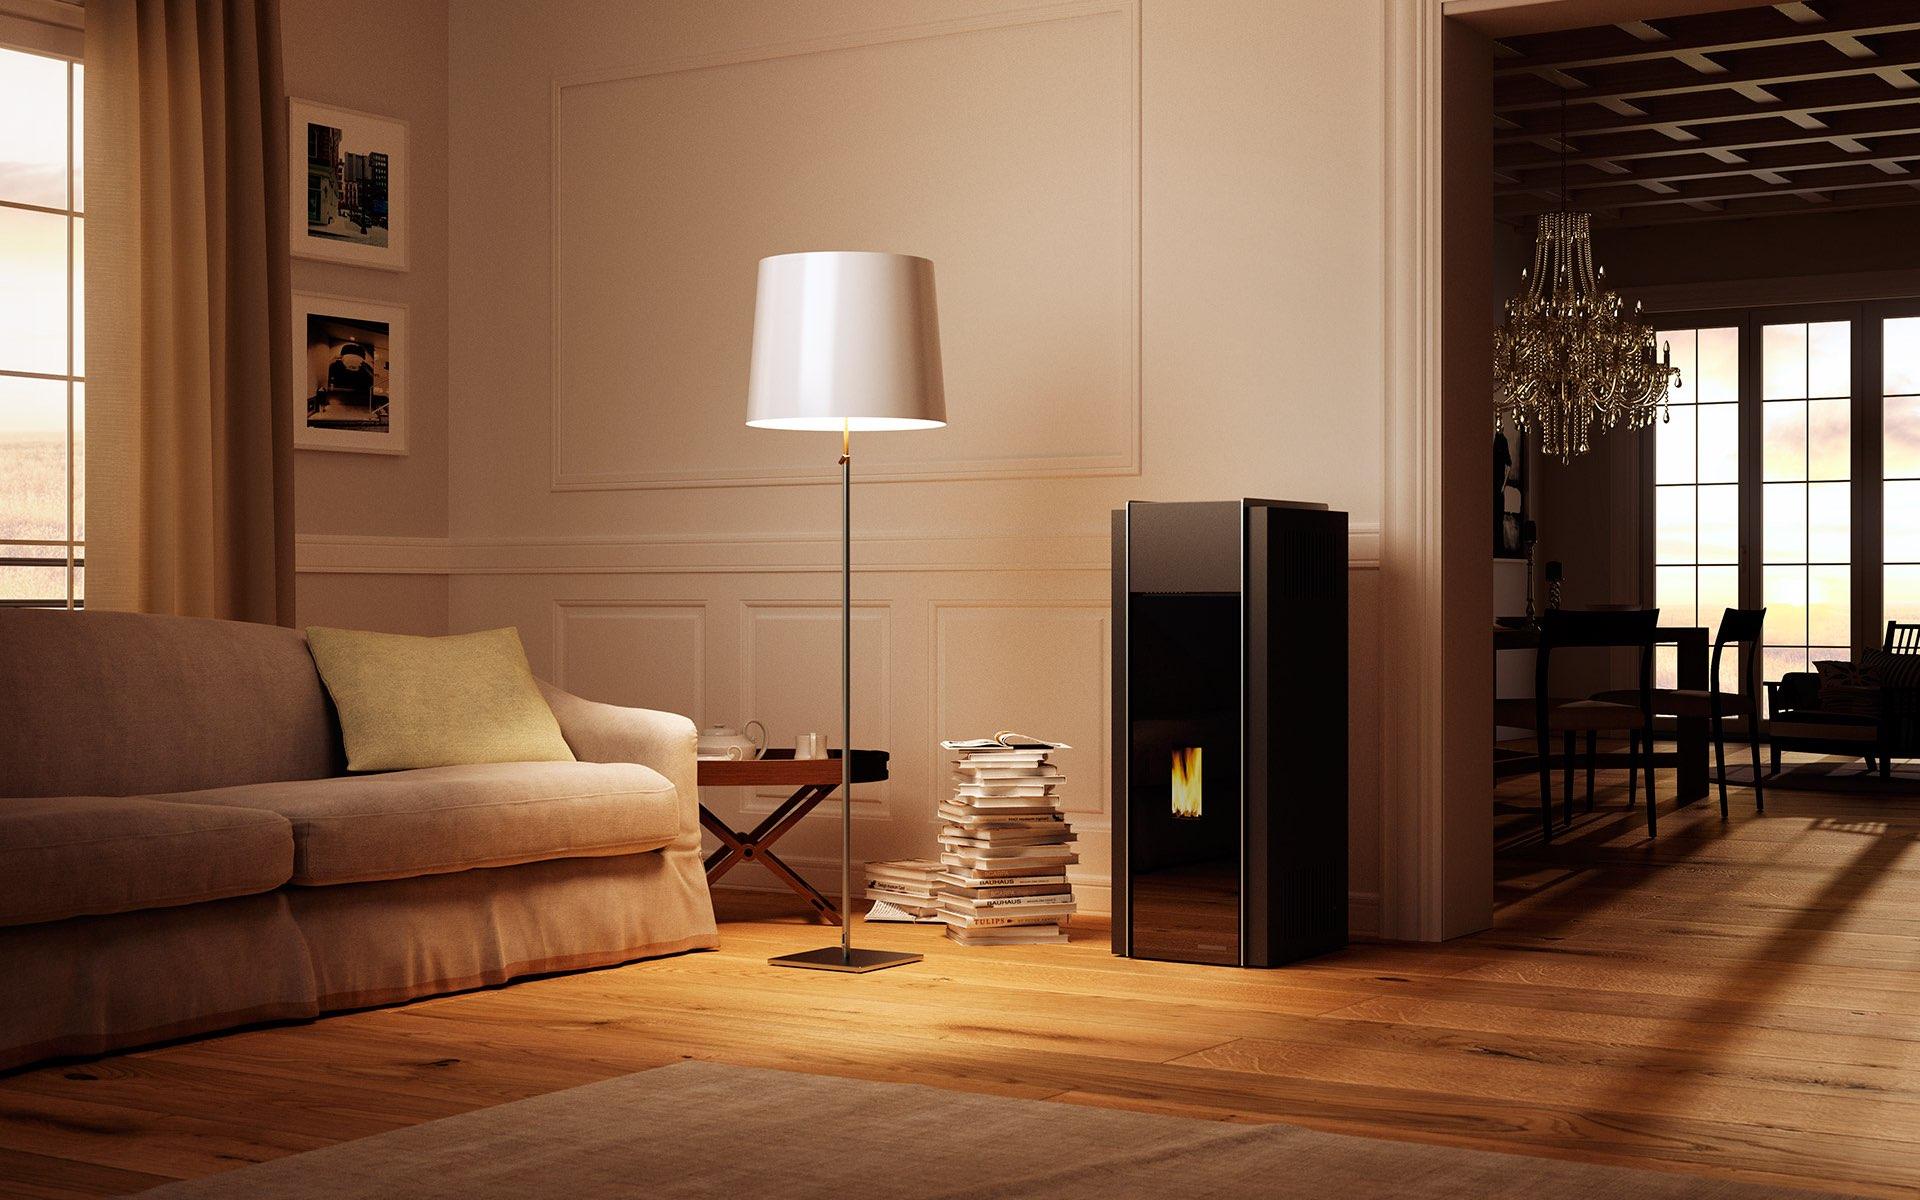 rendering e video 3d per palazzetti acanto comunicazione. Black Bedroom Furniture Sets. Home Design Ideas